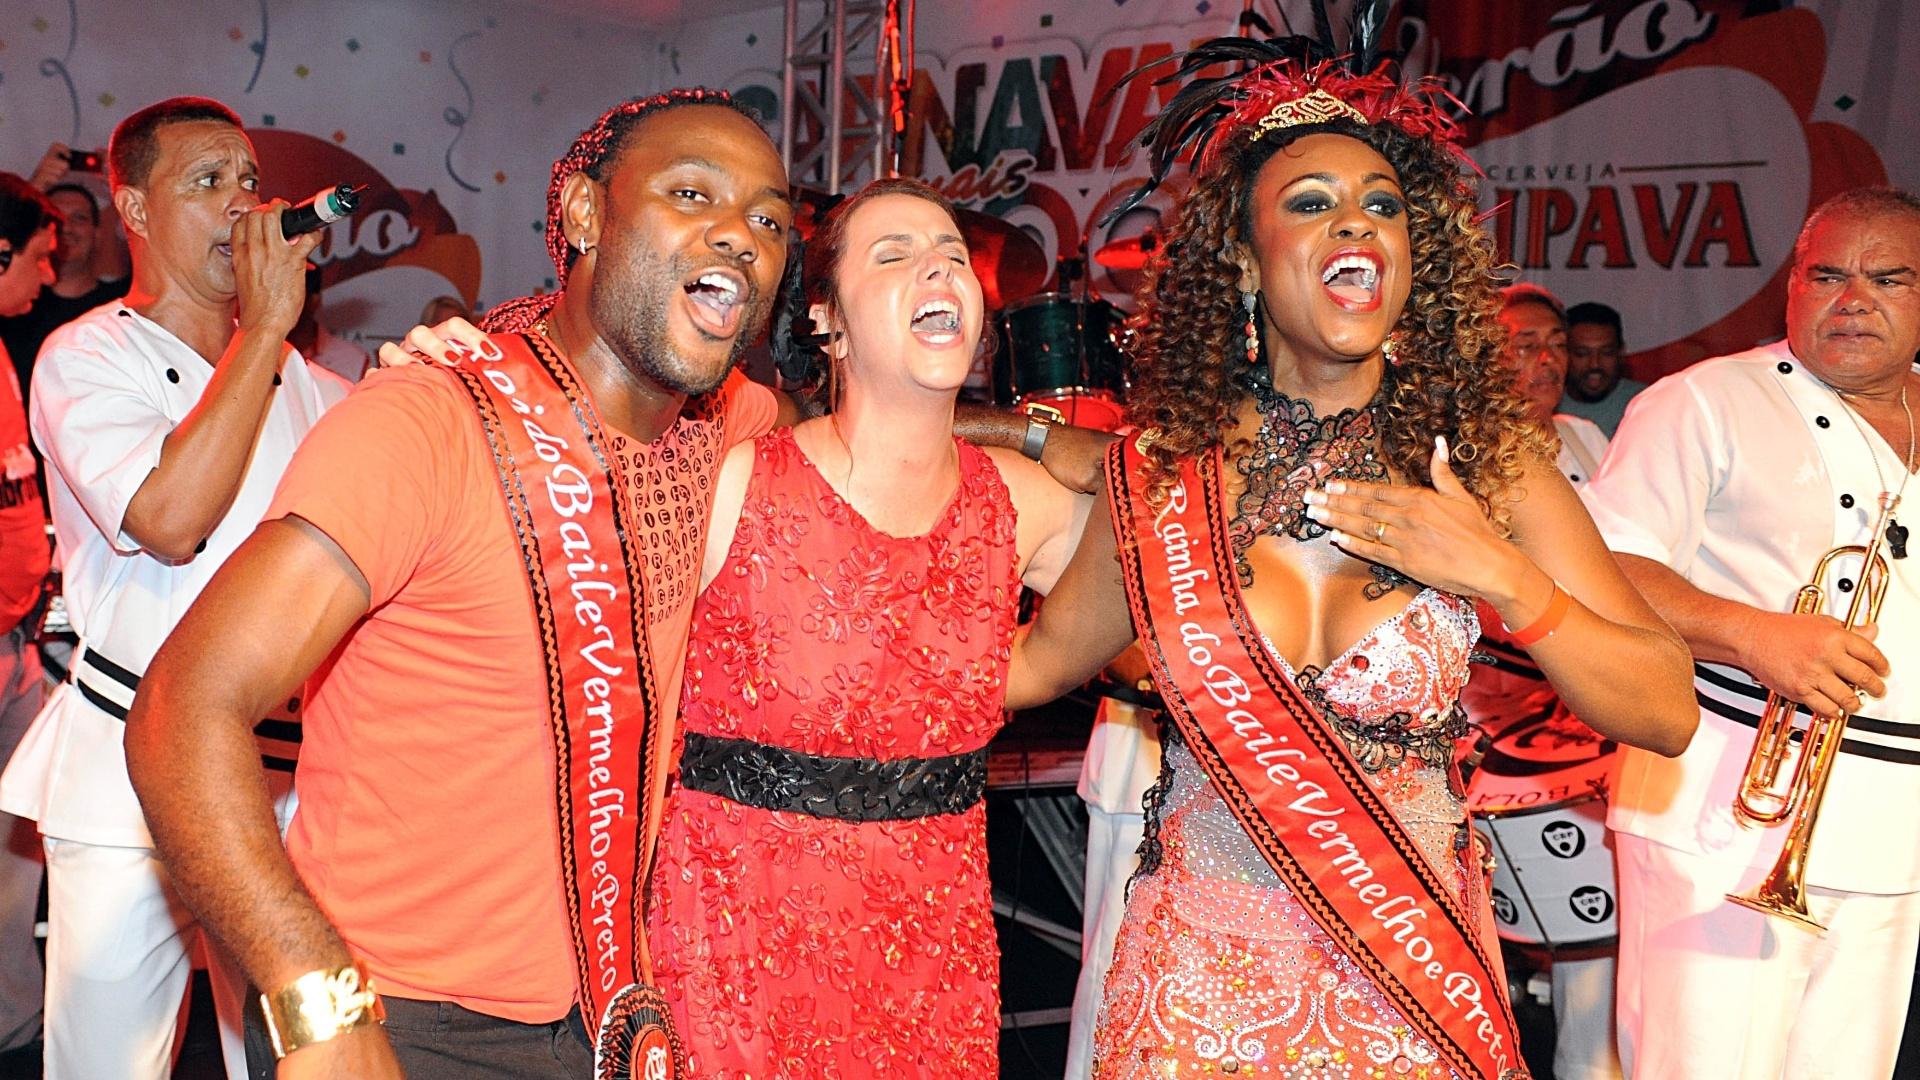 Vágner Love e Patrícia Amorim soltam a voz ao lado da rainha do baile de Carnaval do Flamengo